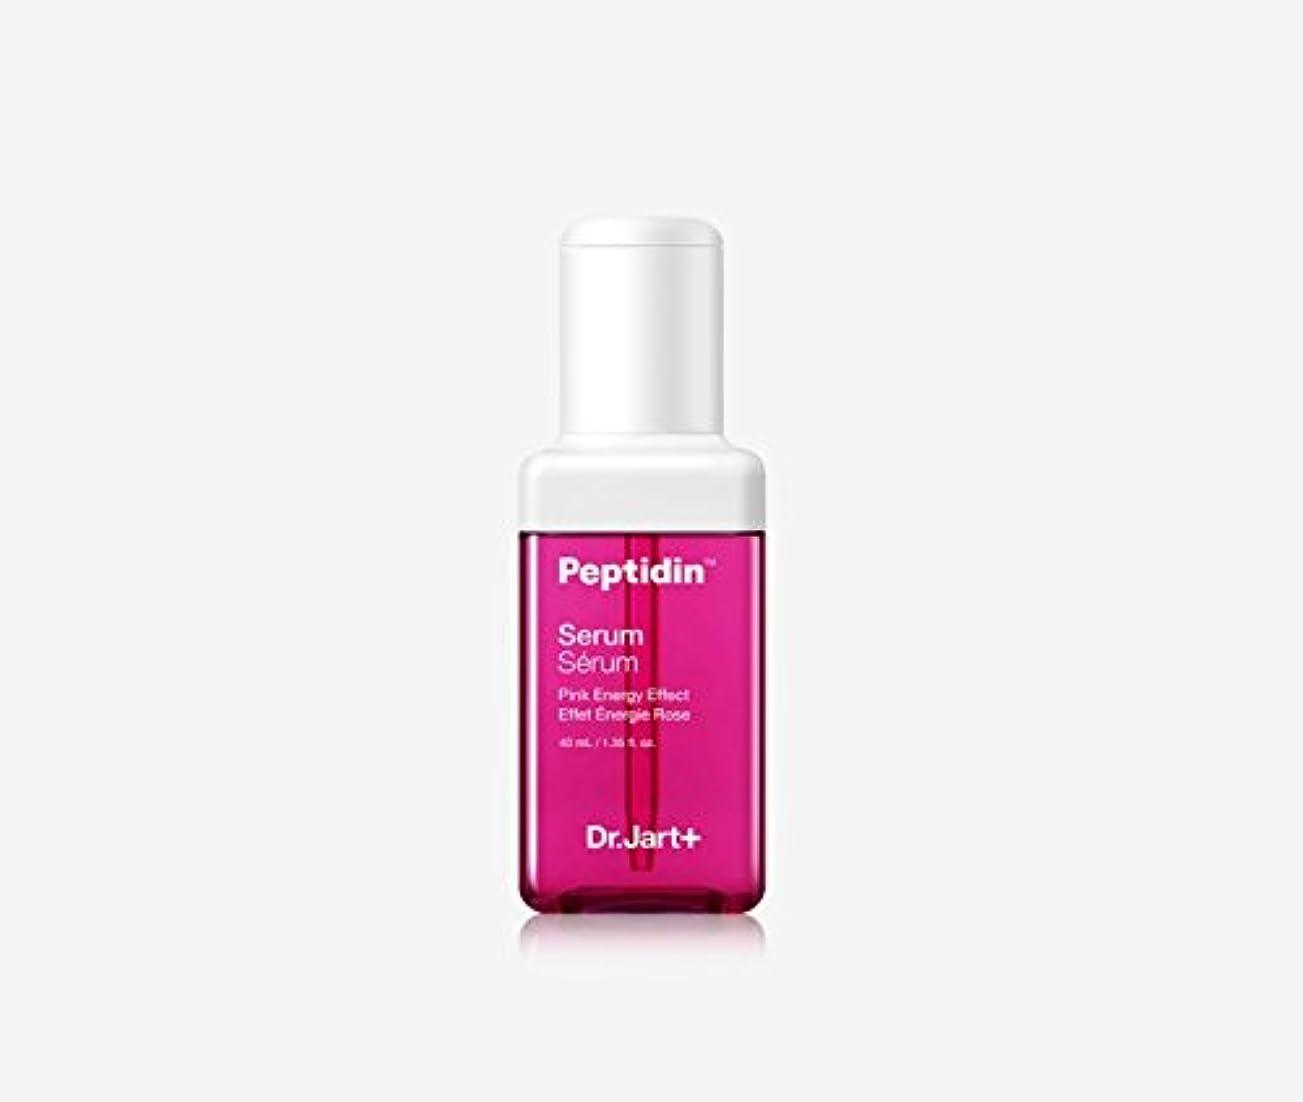 十二群れかけがえのない[Dr.Jart+] ドクタージャルト ペプチドディーン セラムピンクエネルギー 40ml / DR JART Peptidin Serum Pink Energy 1.35 fl. oz. [海外直送品]